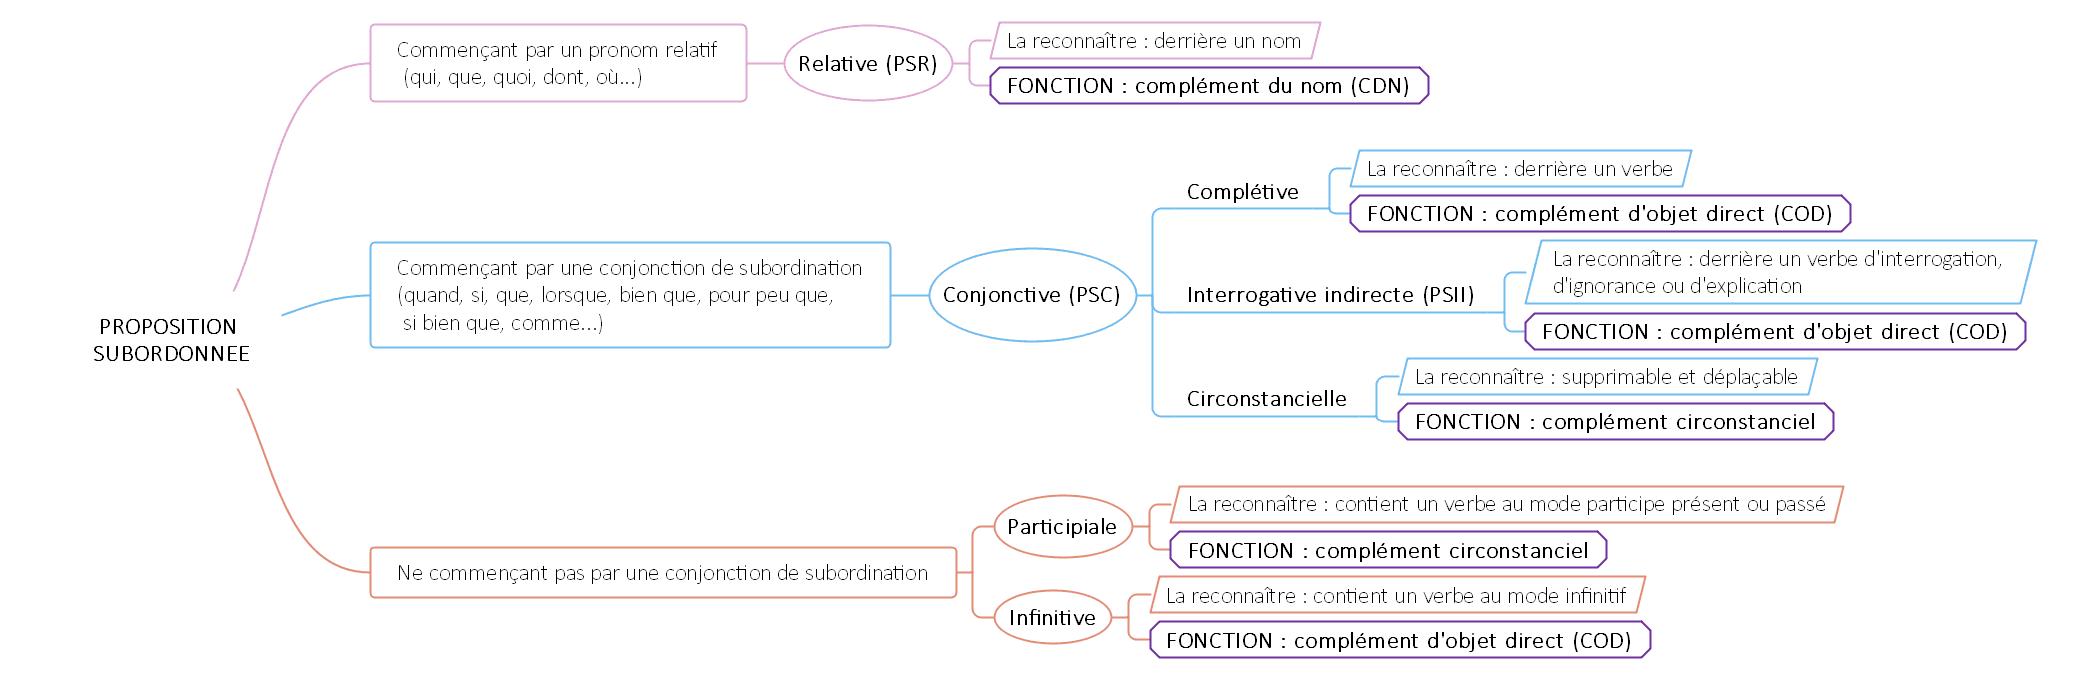 Les Propositions Subordonnees C Cours2francais Net Valeur Des Temps Phrase Interrogative Phrases Complexes